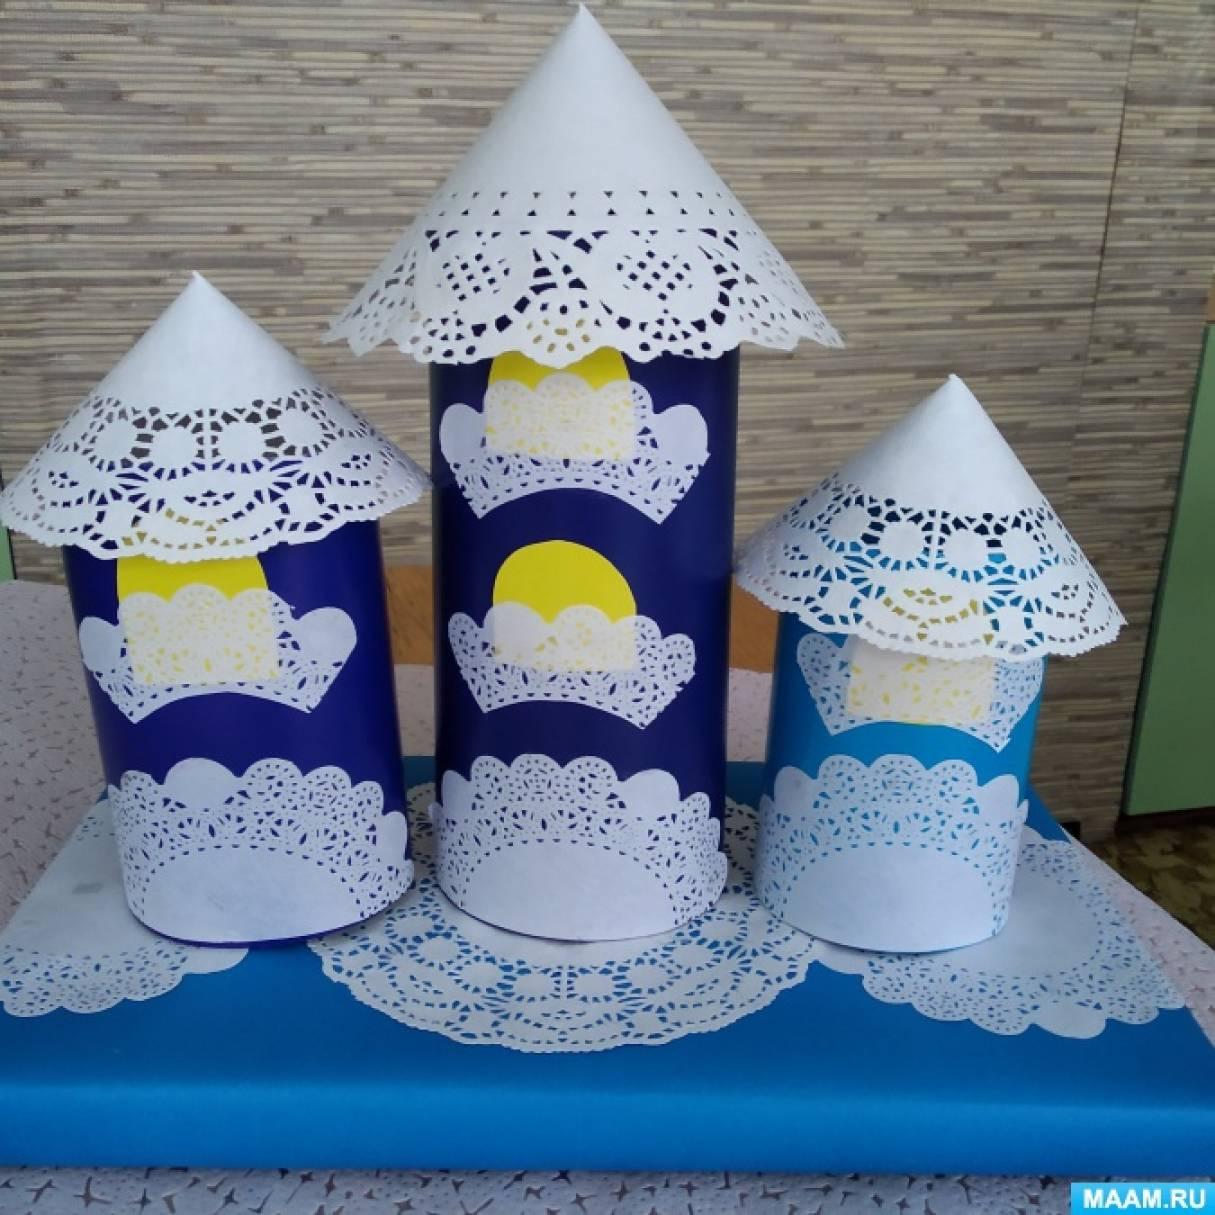 Фотоотчет об изготовлении поделки в технике бумагопластики «Ледяной дворец Морозко» для старших дошкольников